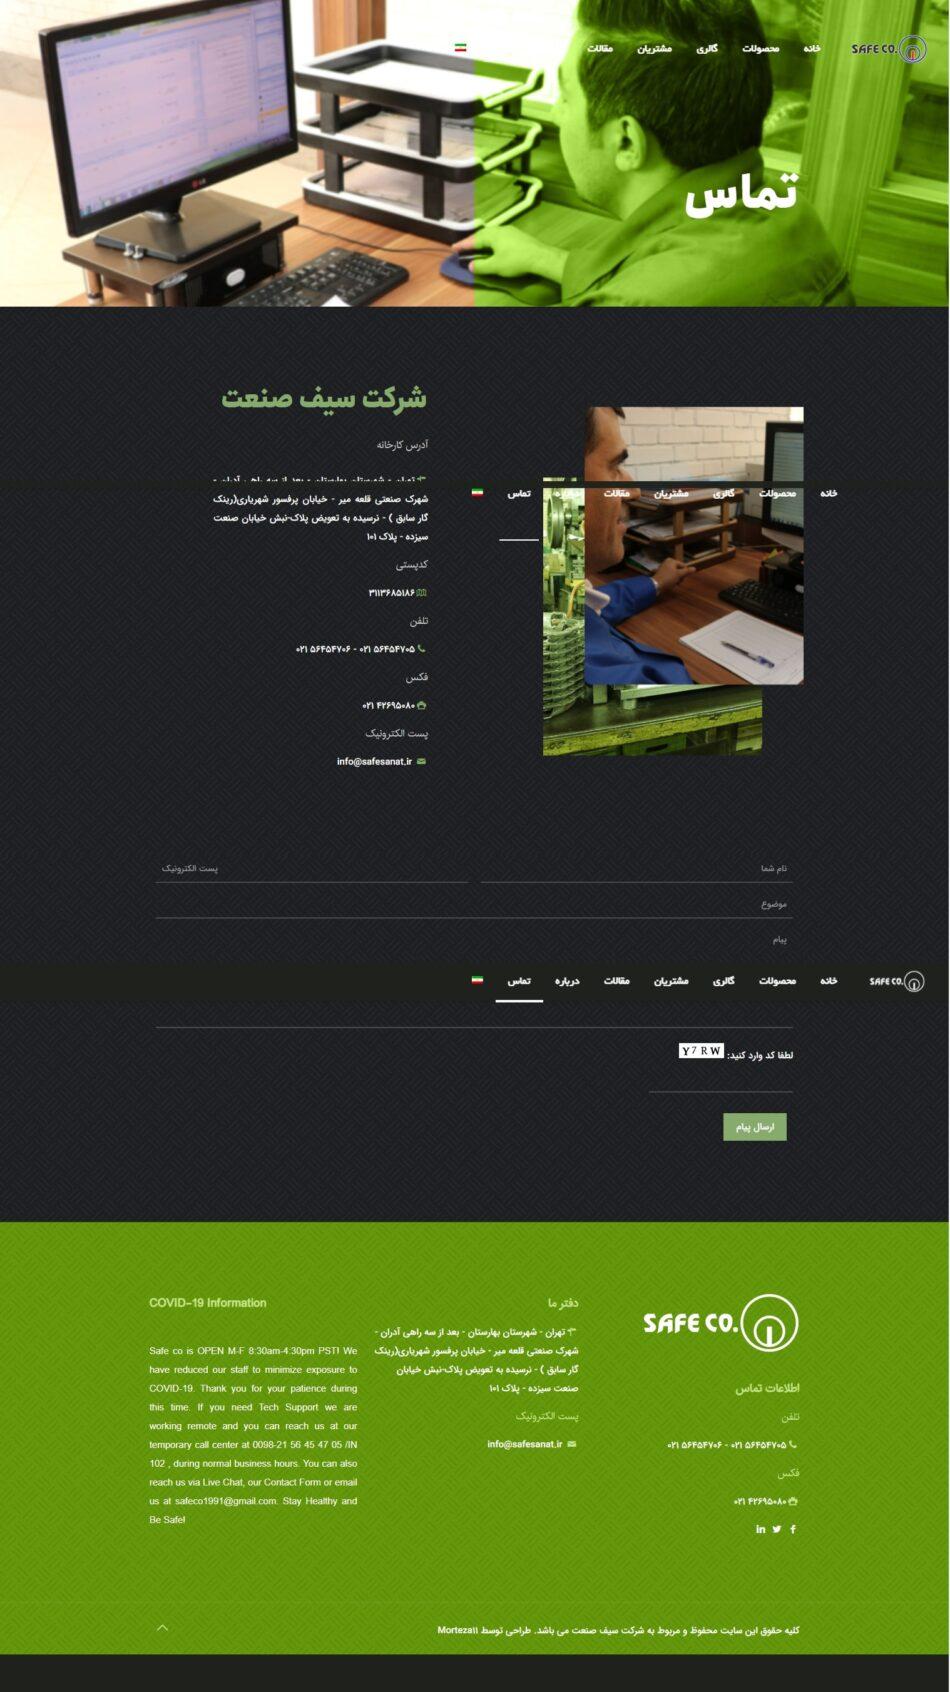 SafeSanat-Contact